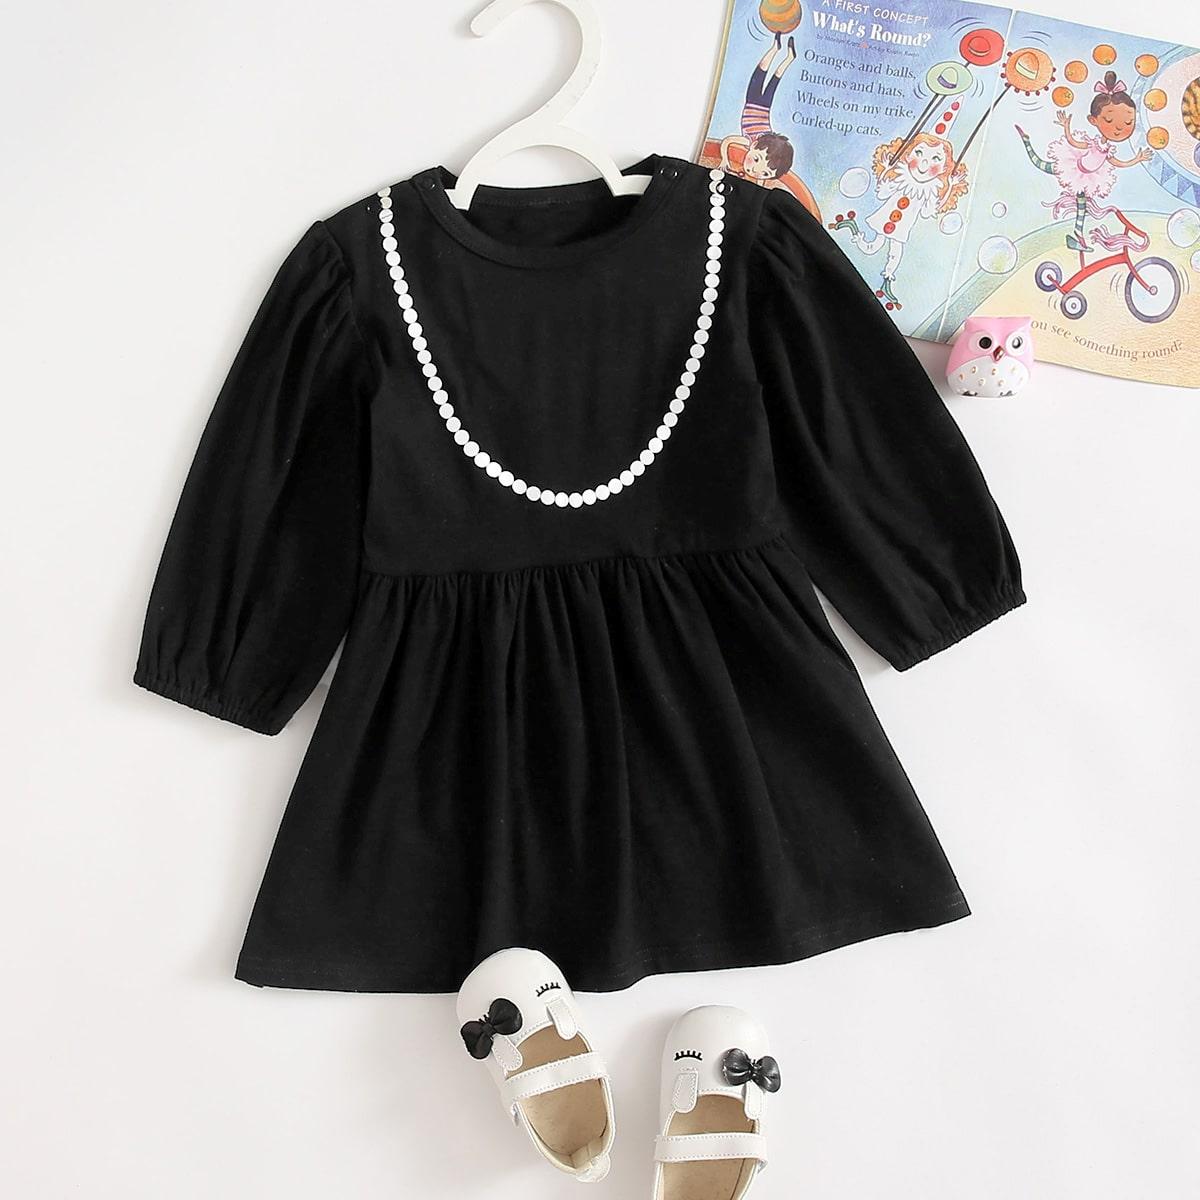 shein Casual Baby-jurk Voorpand met Knoopjes